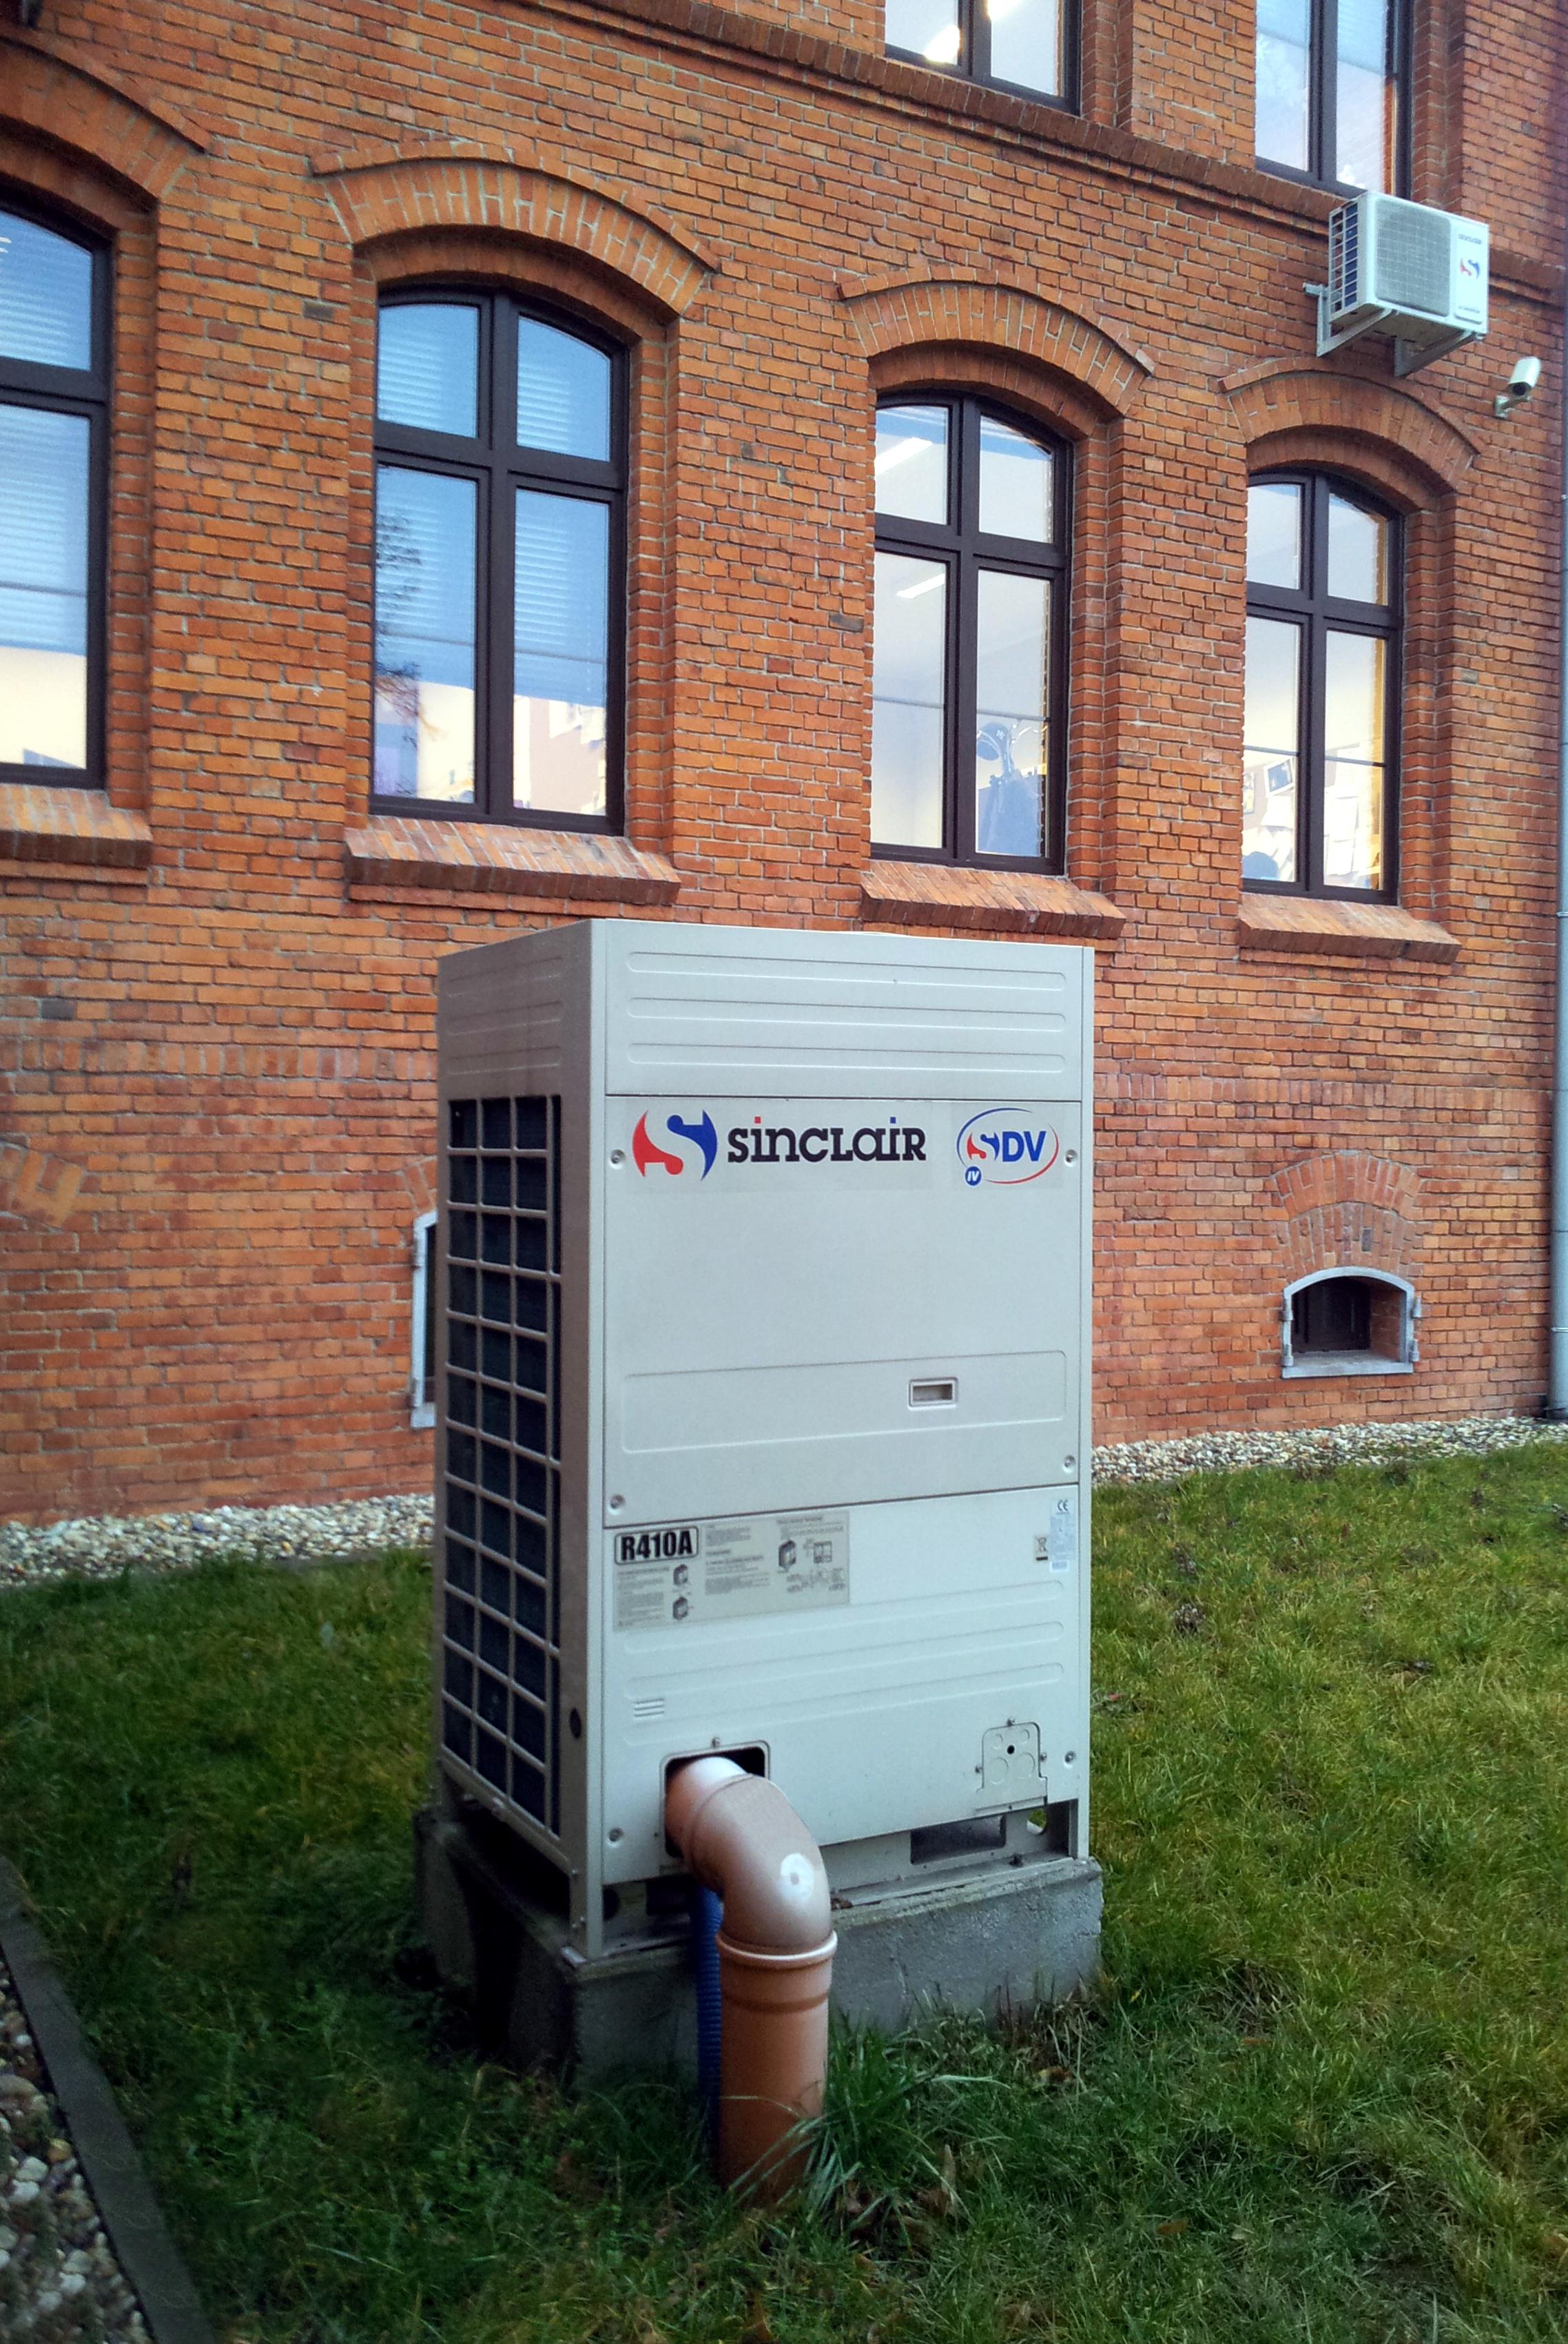 Komerční systém SDV4 pro muzeum uhelného hornictví